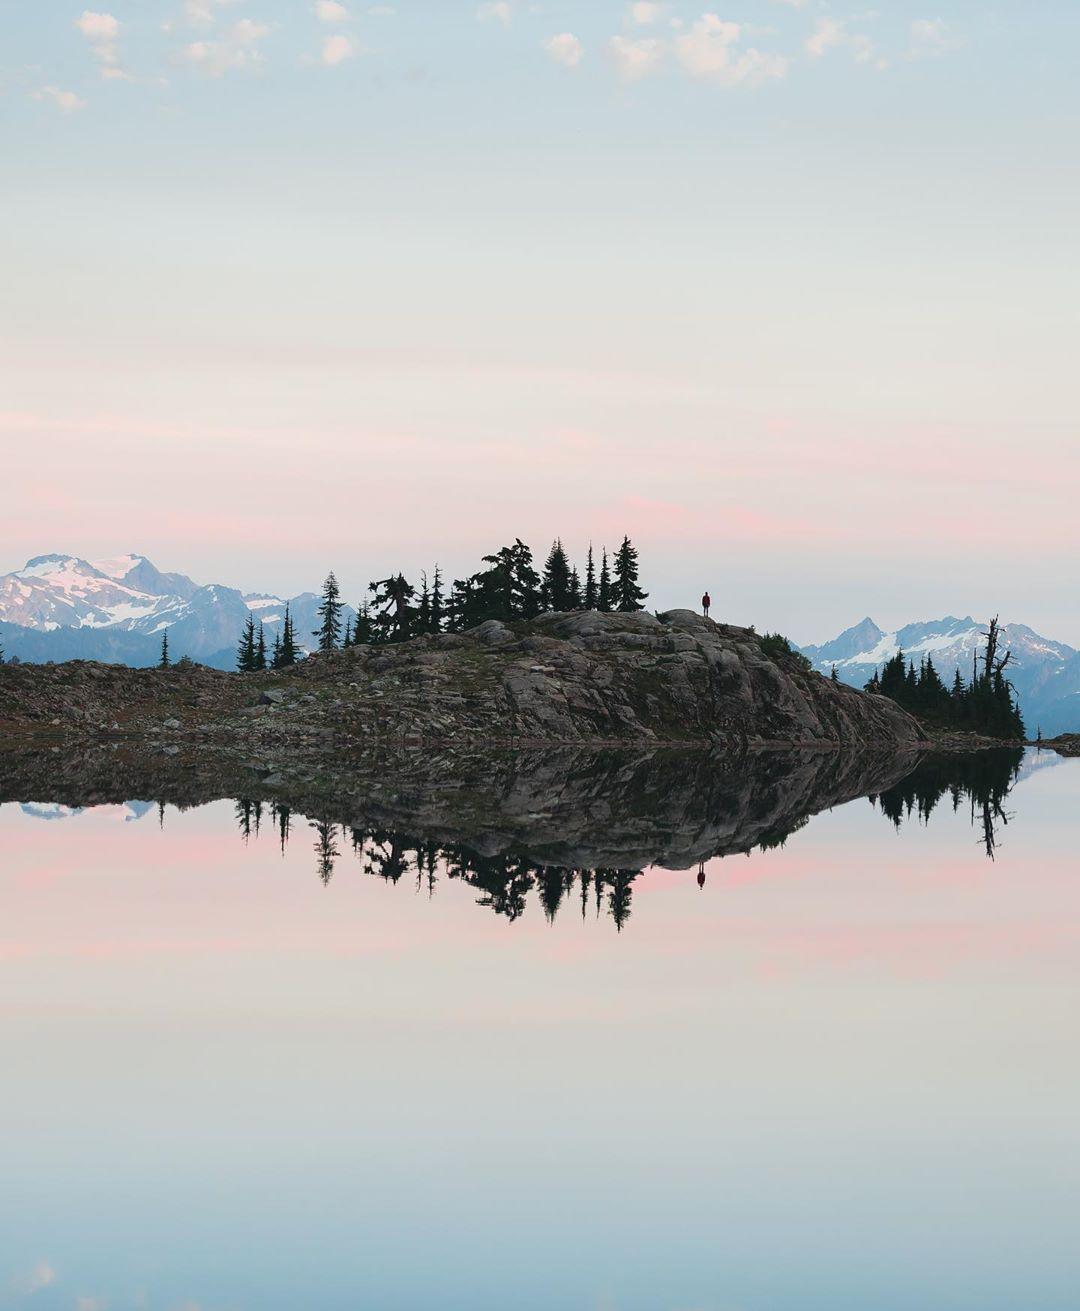 Природа и путешествия на снимках Джона Несса